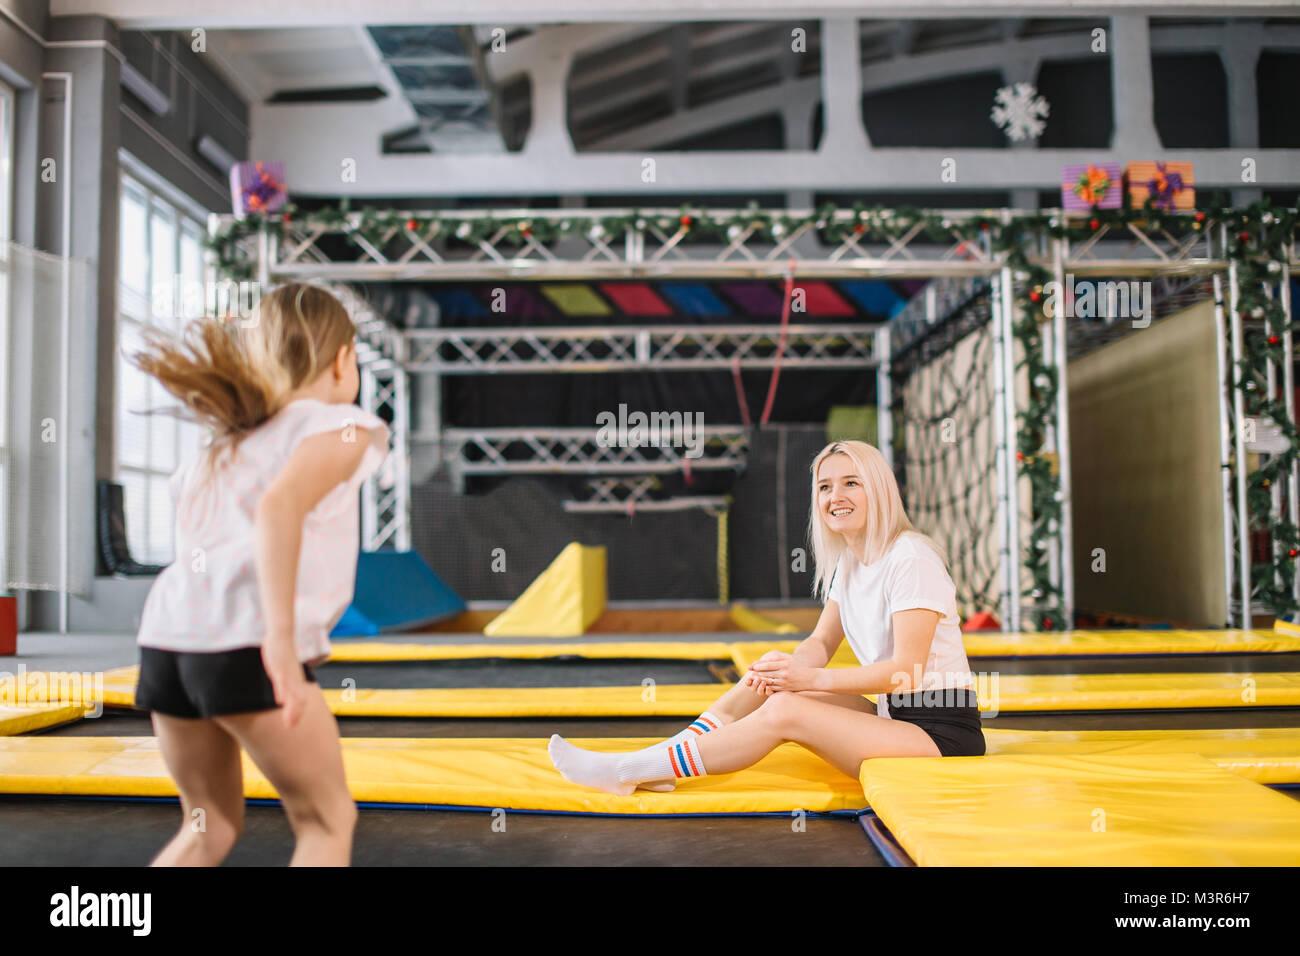 Die Tochter springt auf einem Trampolin, während Mutter watch für Sicherheit Stockbild